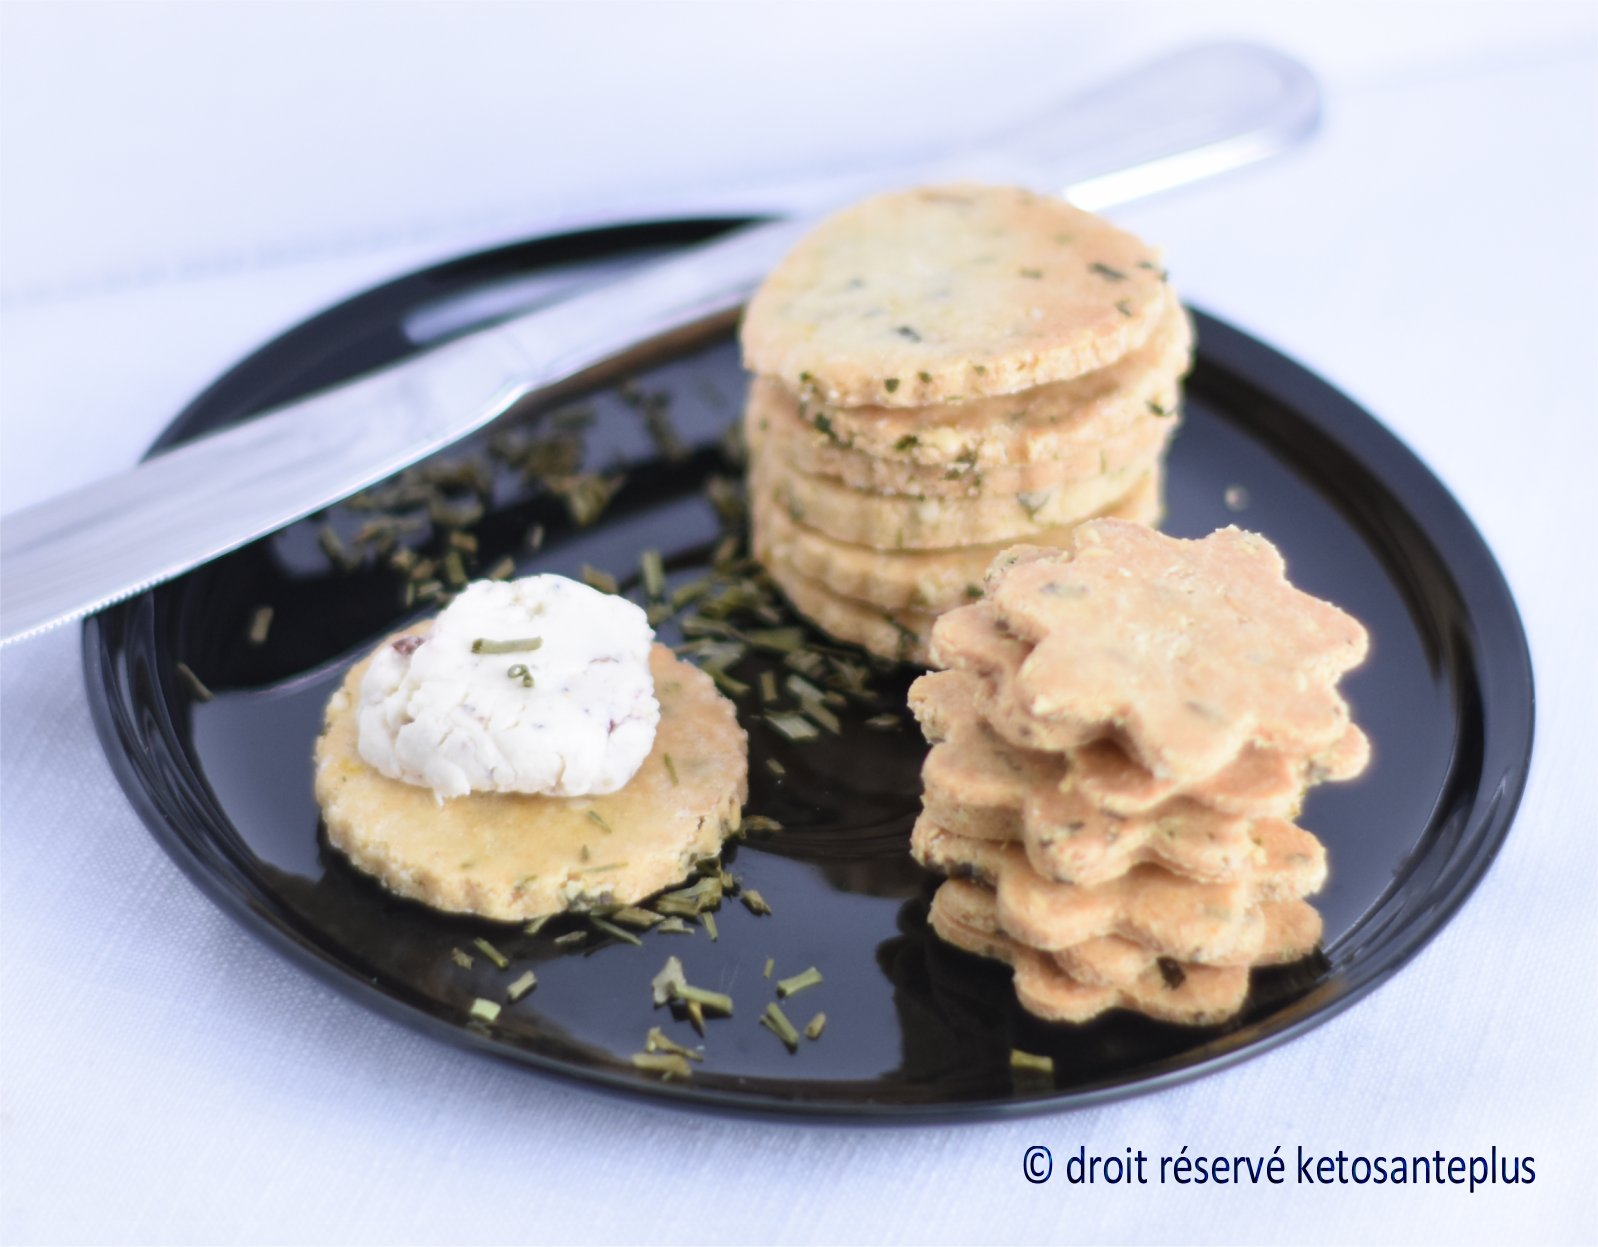 Craquelins à la crème sure et ciboulette keto